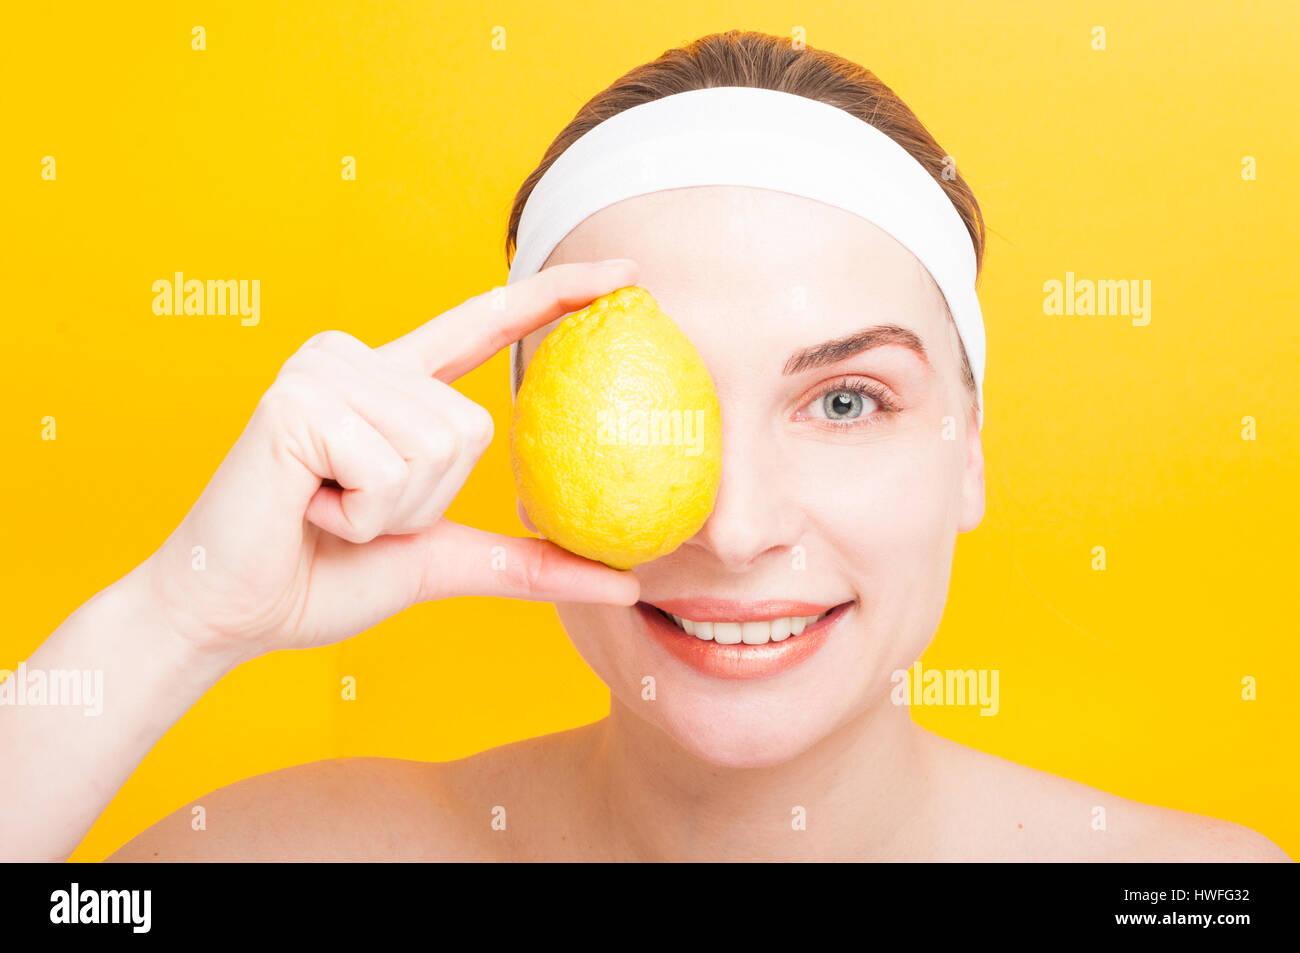 Jolie femme couvrant ses yeux avec une pureté de citron frais et bien-être concept isolé sur fond Photo Stock